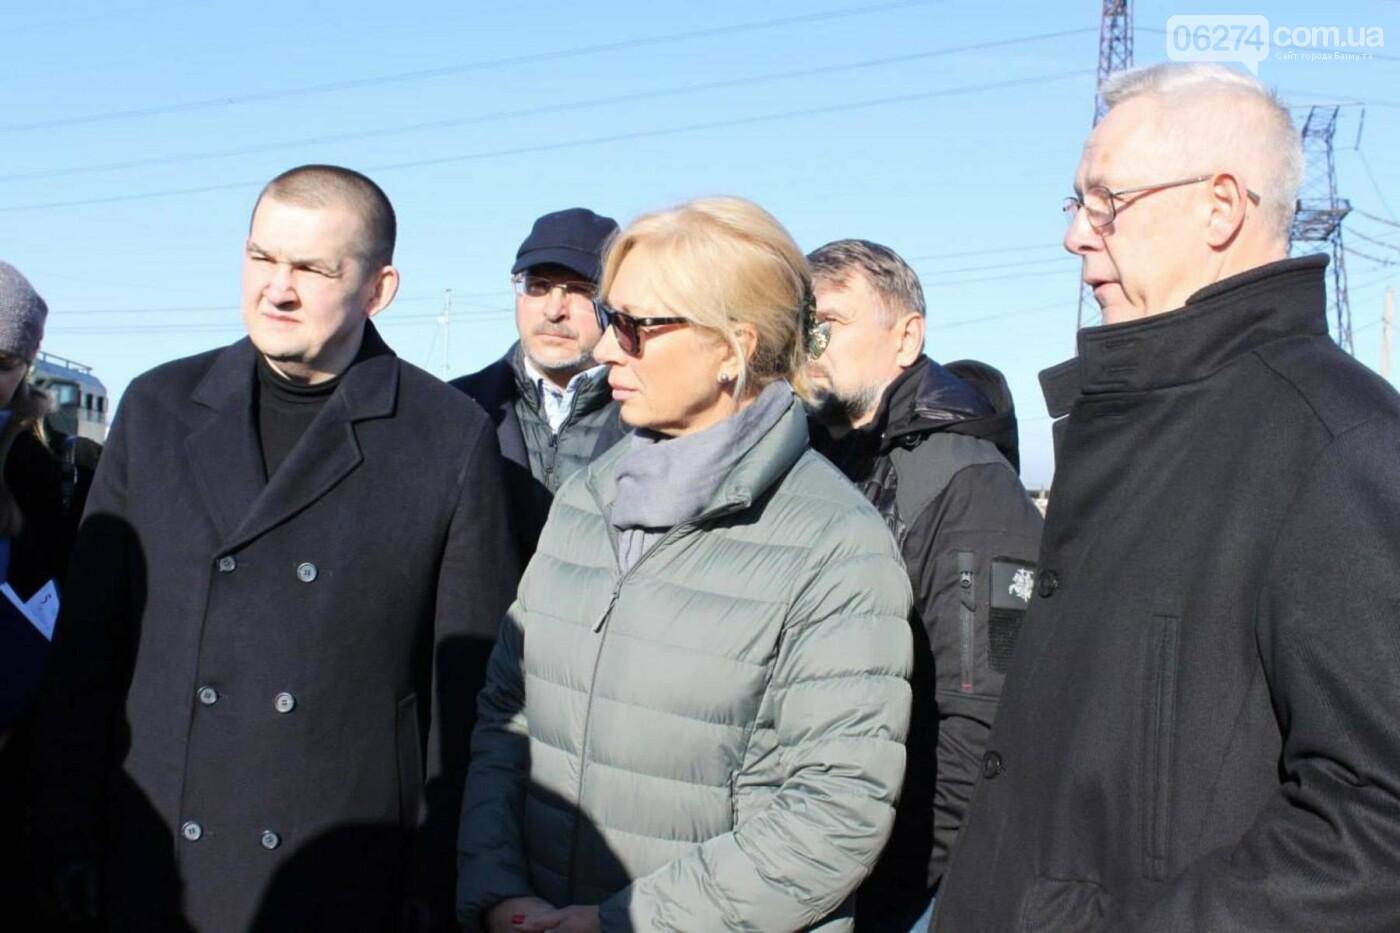 Омбудсмены Литвы и Украины посетили КПВВ в Бахмутском районе с мониторинговым визитом, фото-1